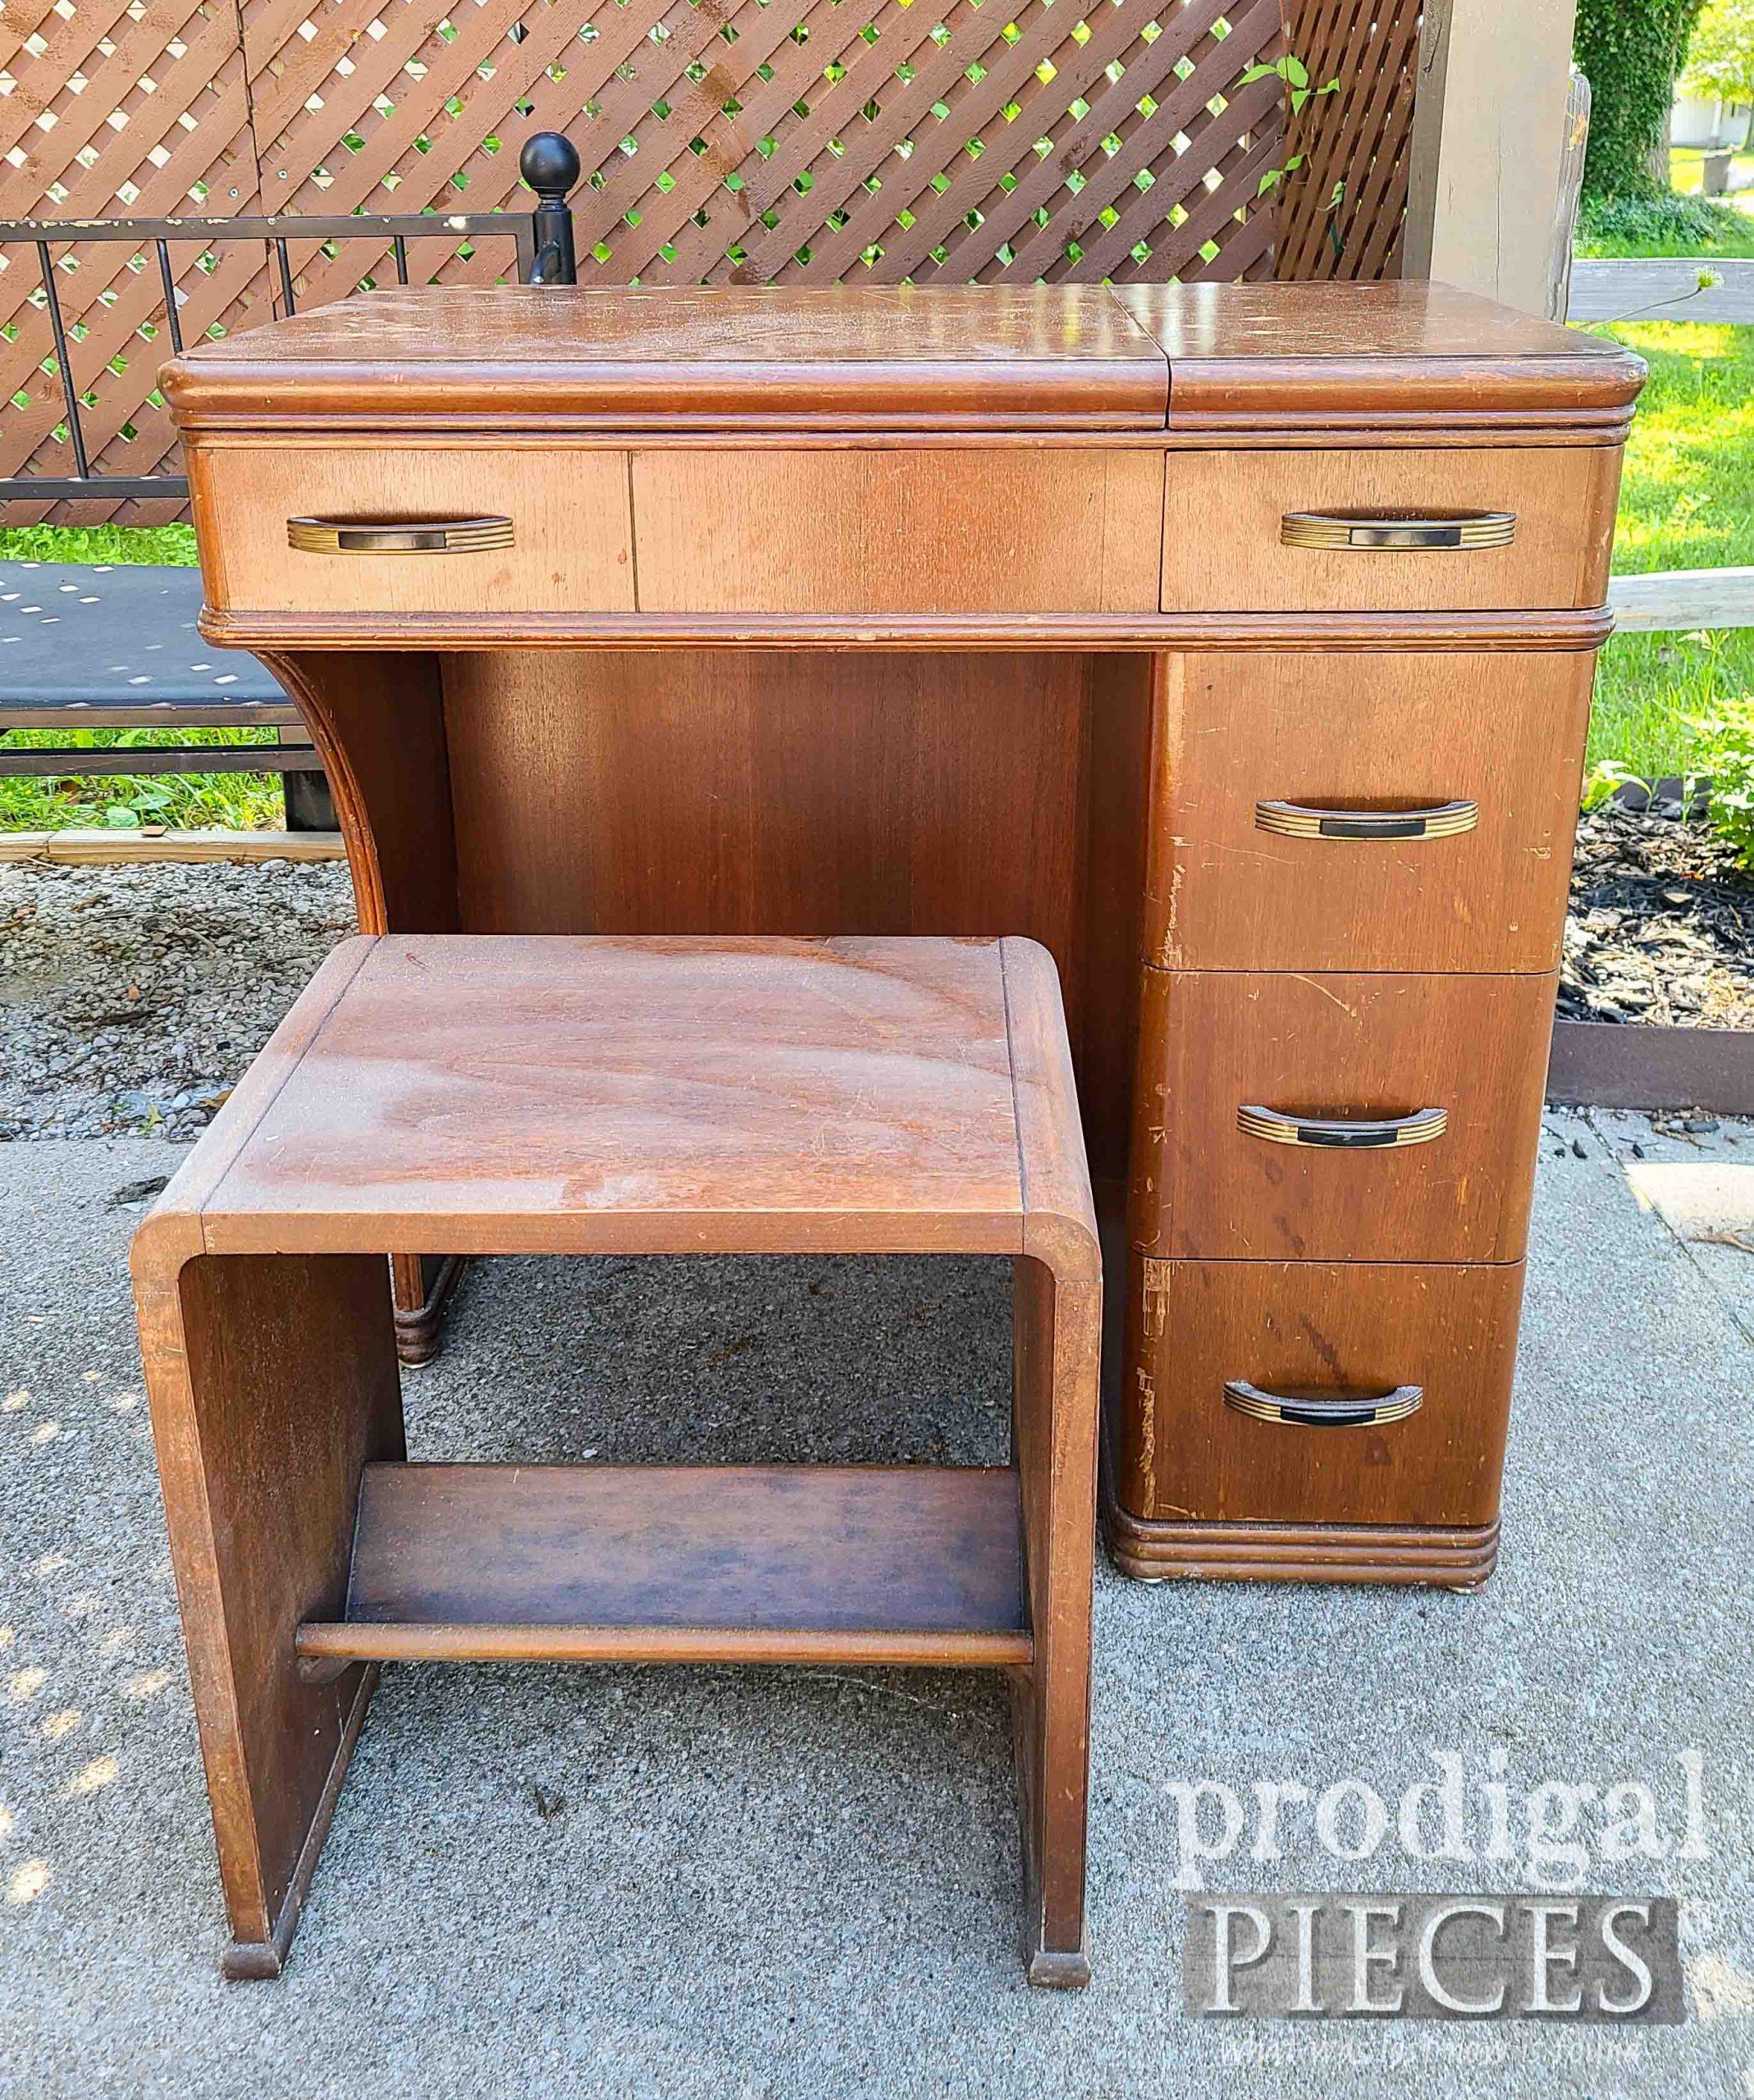 Art Deco Sewing Desk Before Makeover | prodigalpieces.com